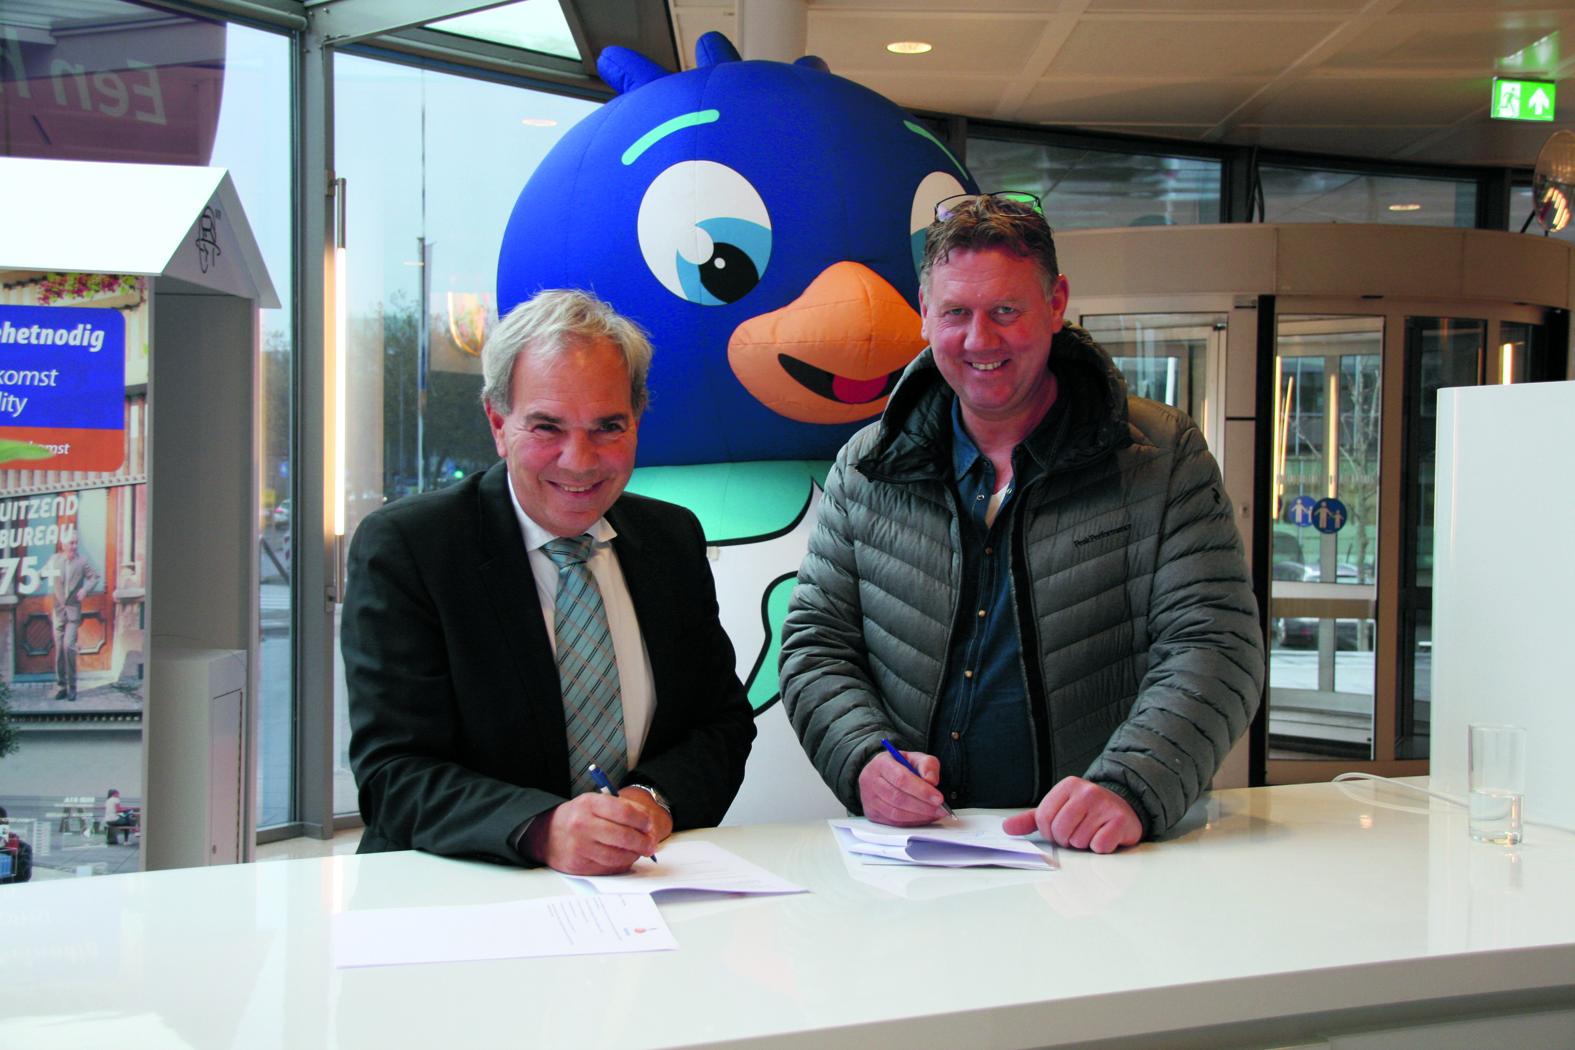 Arwin Versteyne, namens Winters Purmerend (rechts) en Directeur van Rabobank Waterland en Omstreken, Henny Maes, zetten de handtekening onder het sponsorcontract. (Foto: aangeleverd)